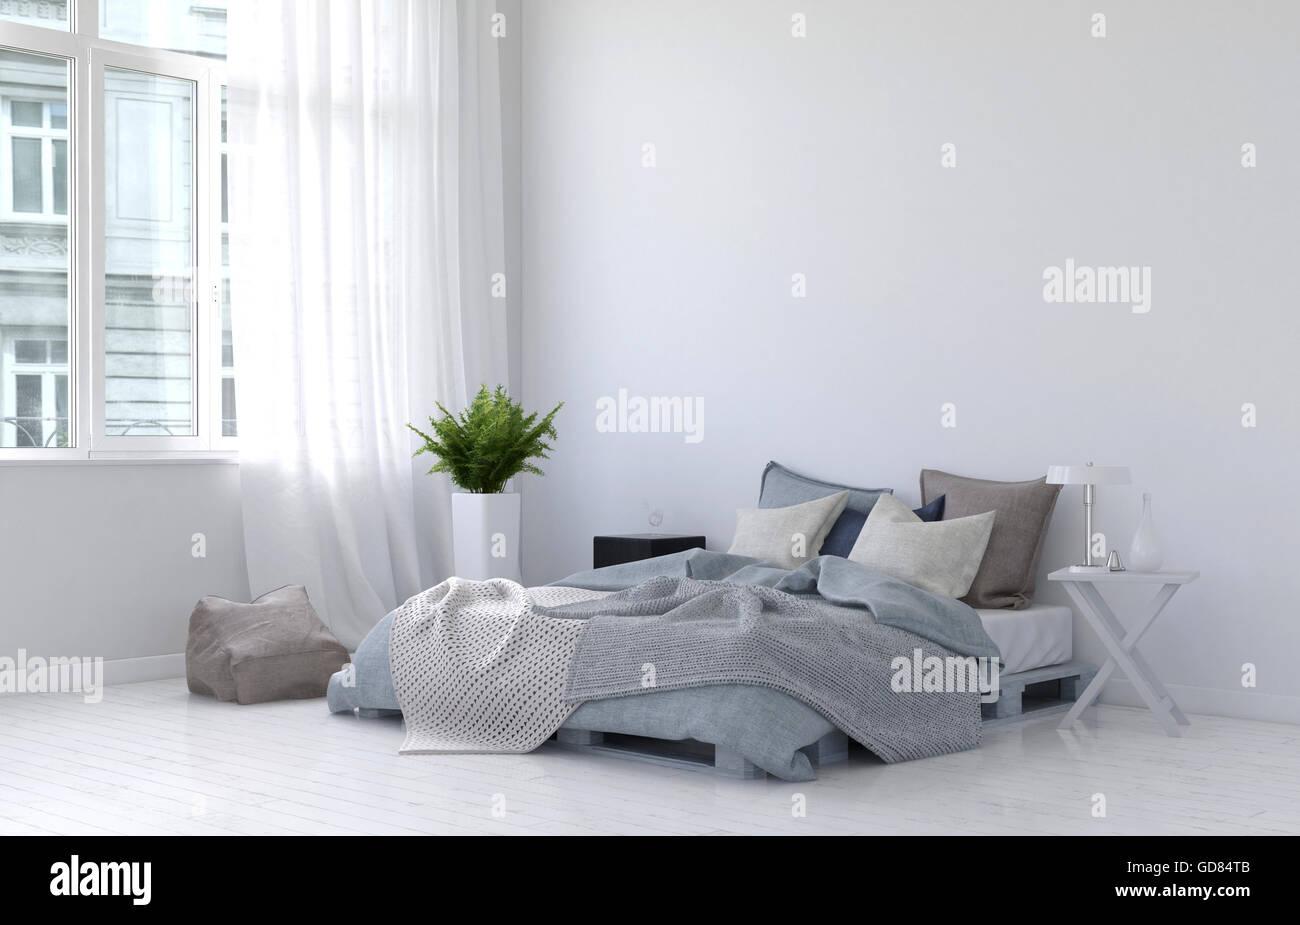 Fußboden Schlafzimmer Lampen ~ Großen casement fenster mit weißen gardinen farn pflanze